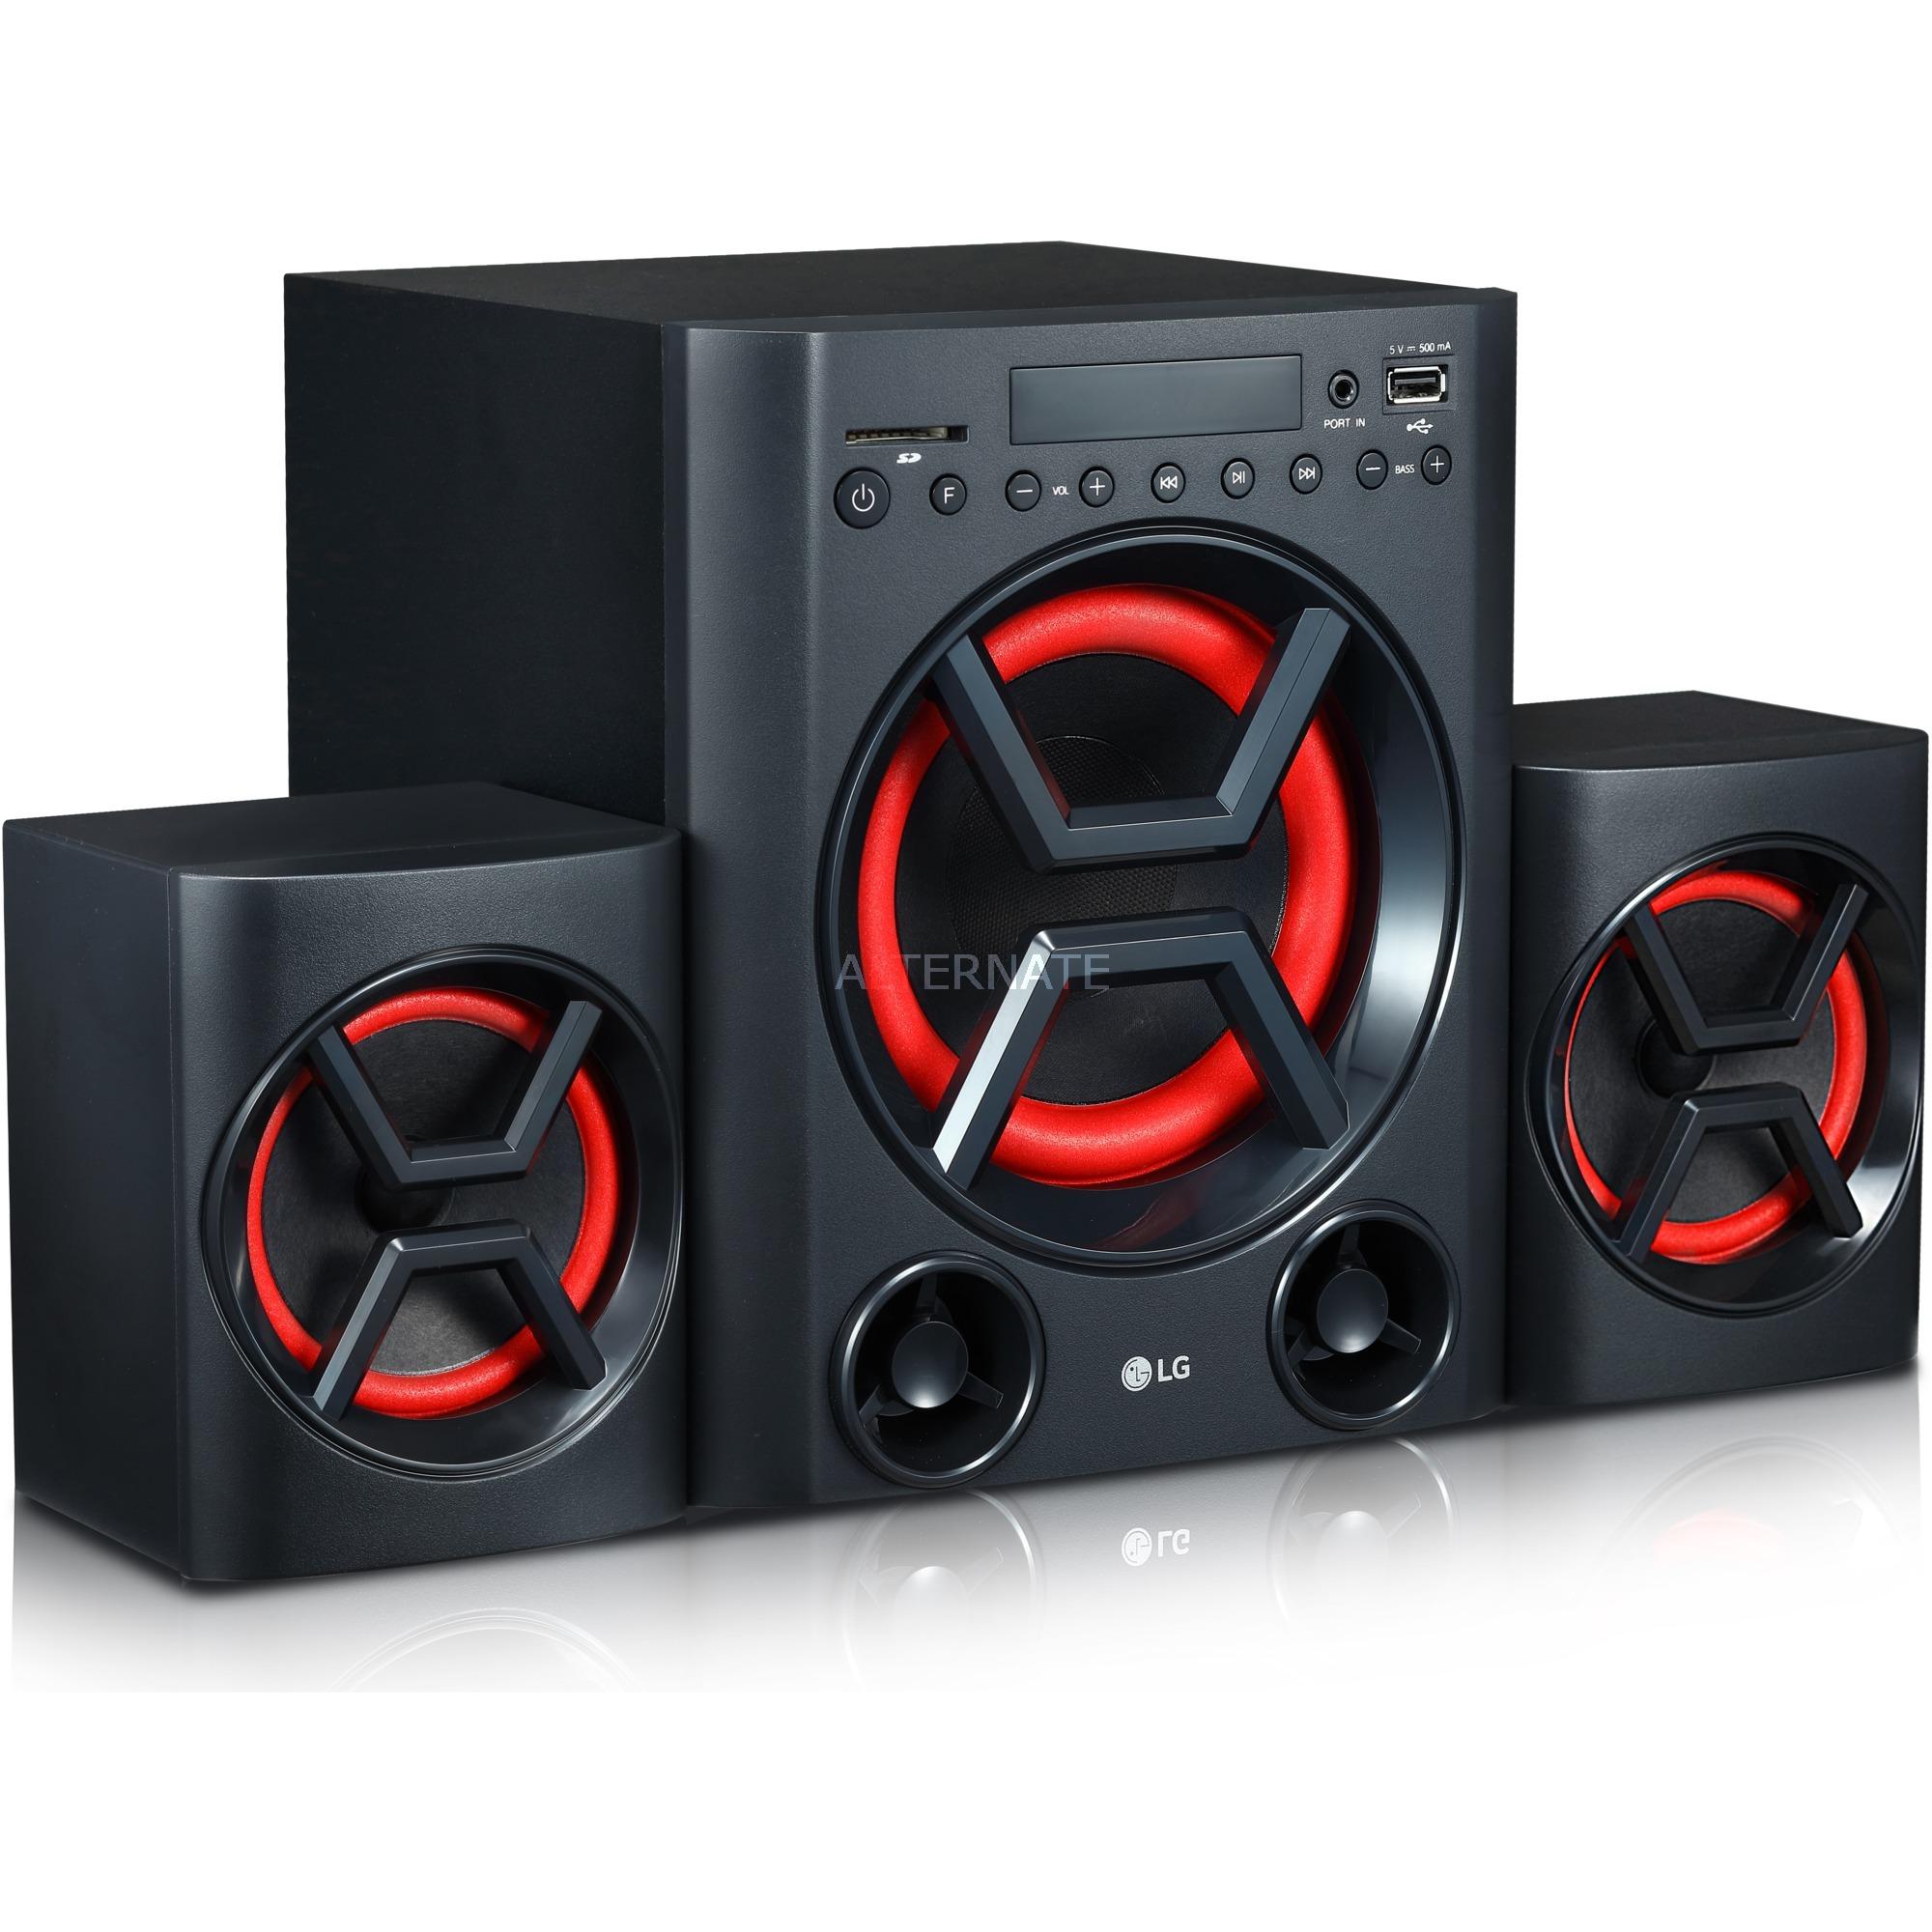 XBOOM conjunto de altavoces 2.1 canales 40 W Negro, Rojo, Equipo compacto